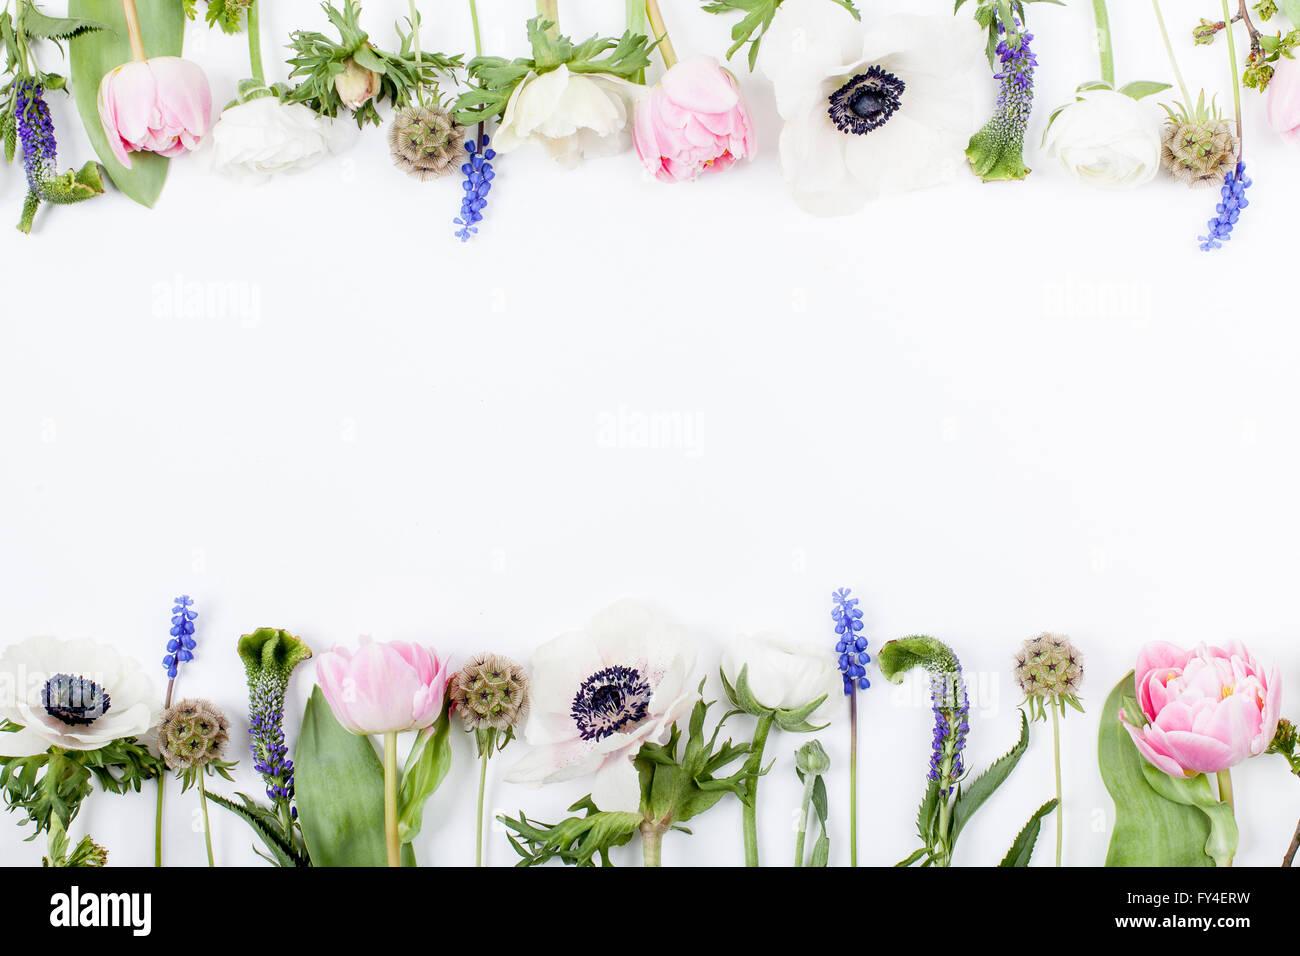 Tulipani Rosa Anemoni Bianchi Spicchi Di Colore Rosa E Bianco